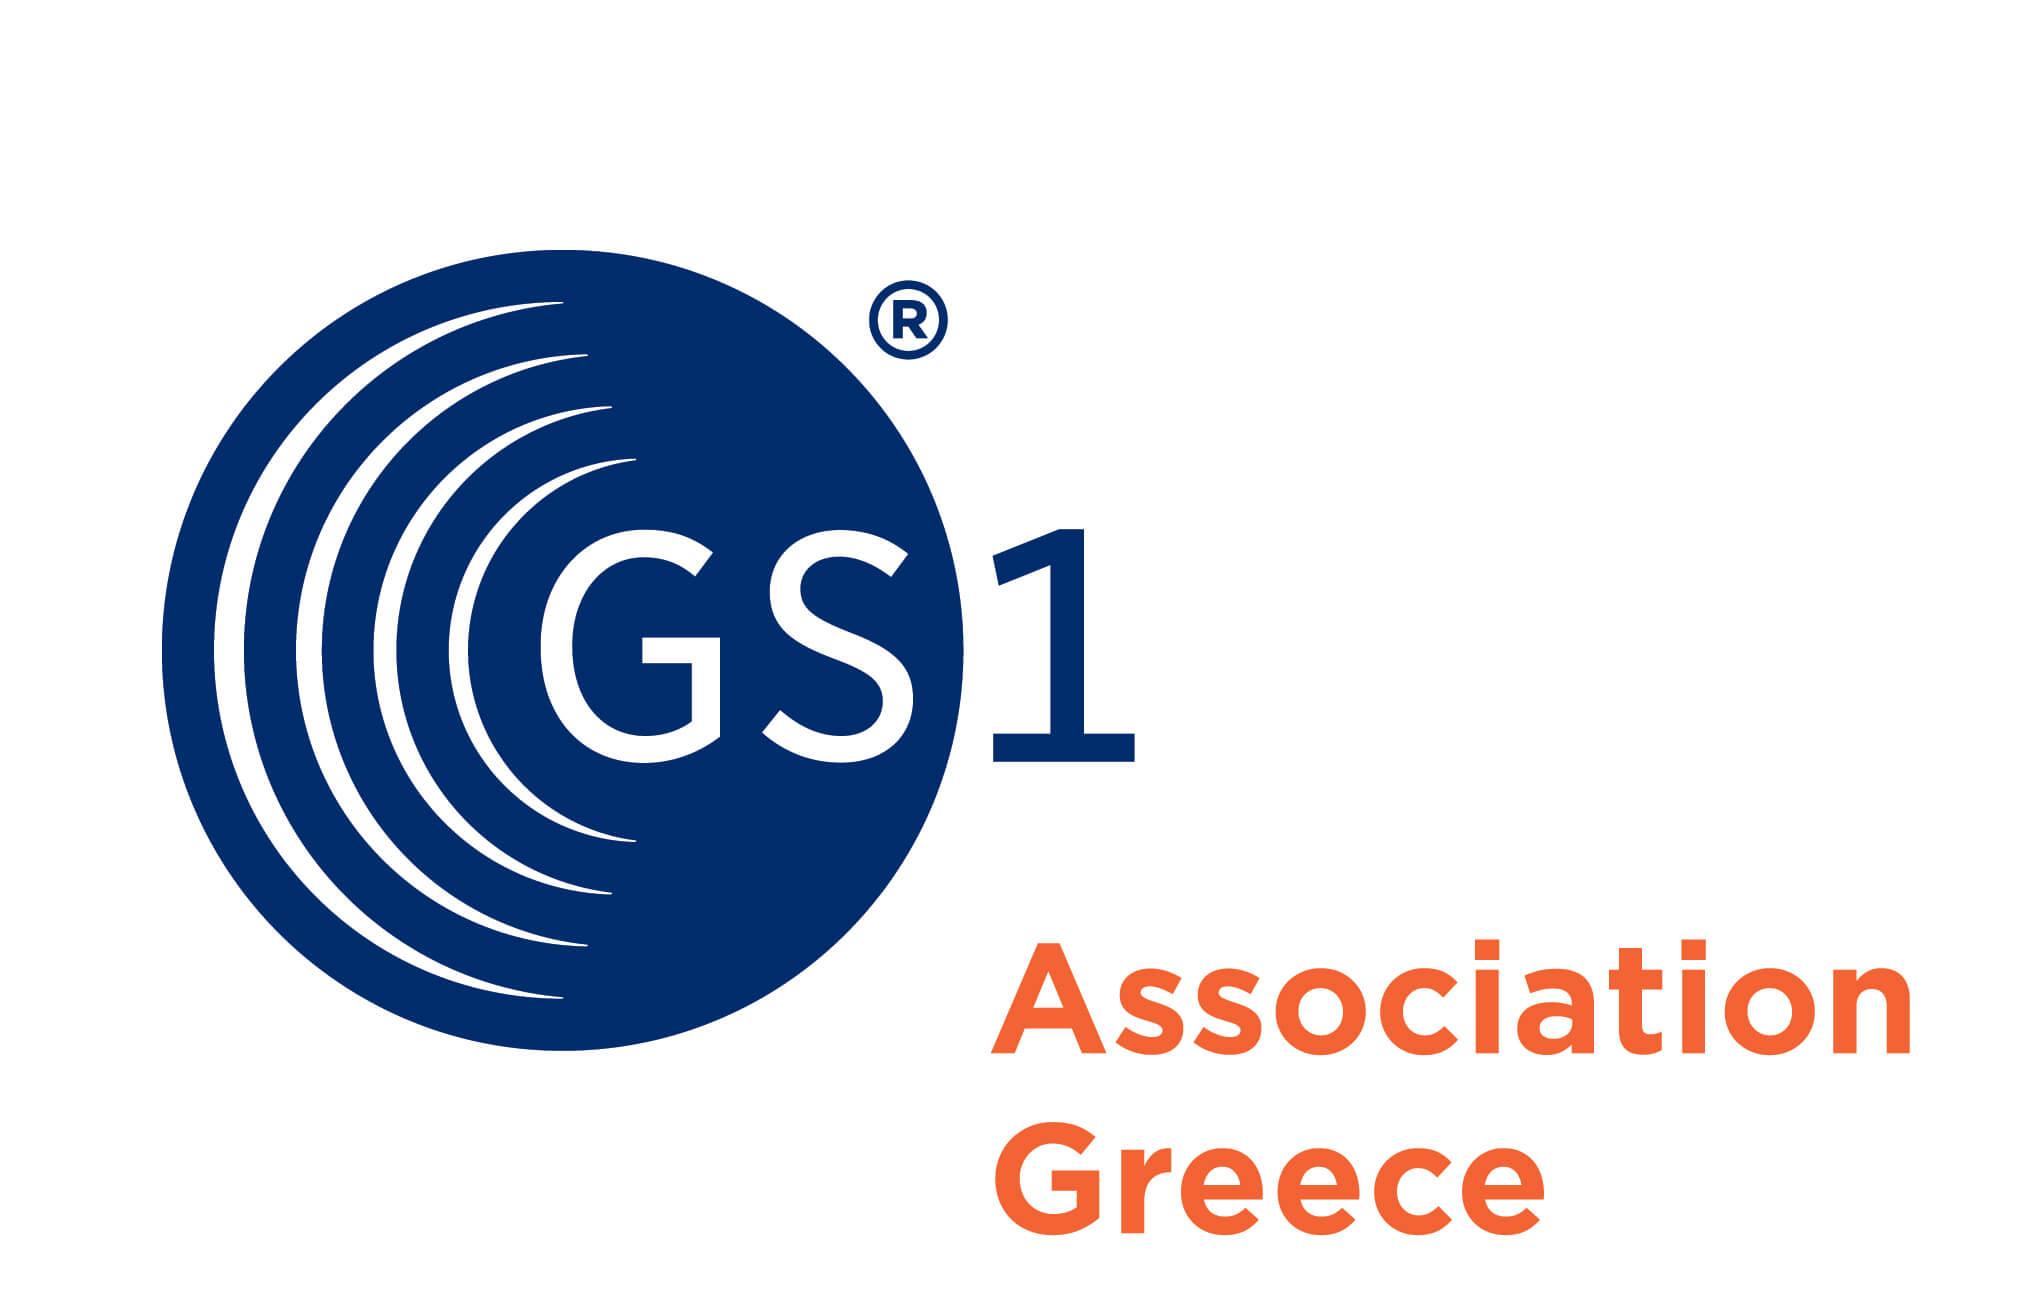 Gs1 Association Greece Seve